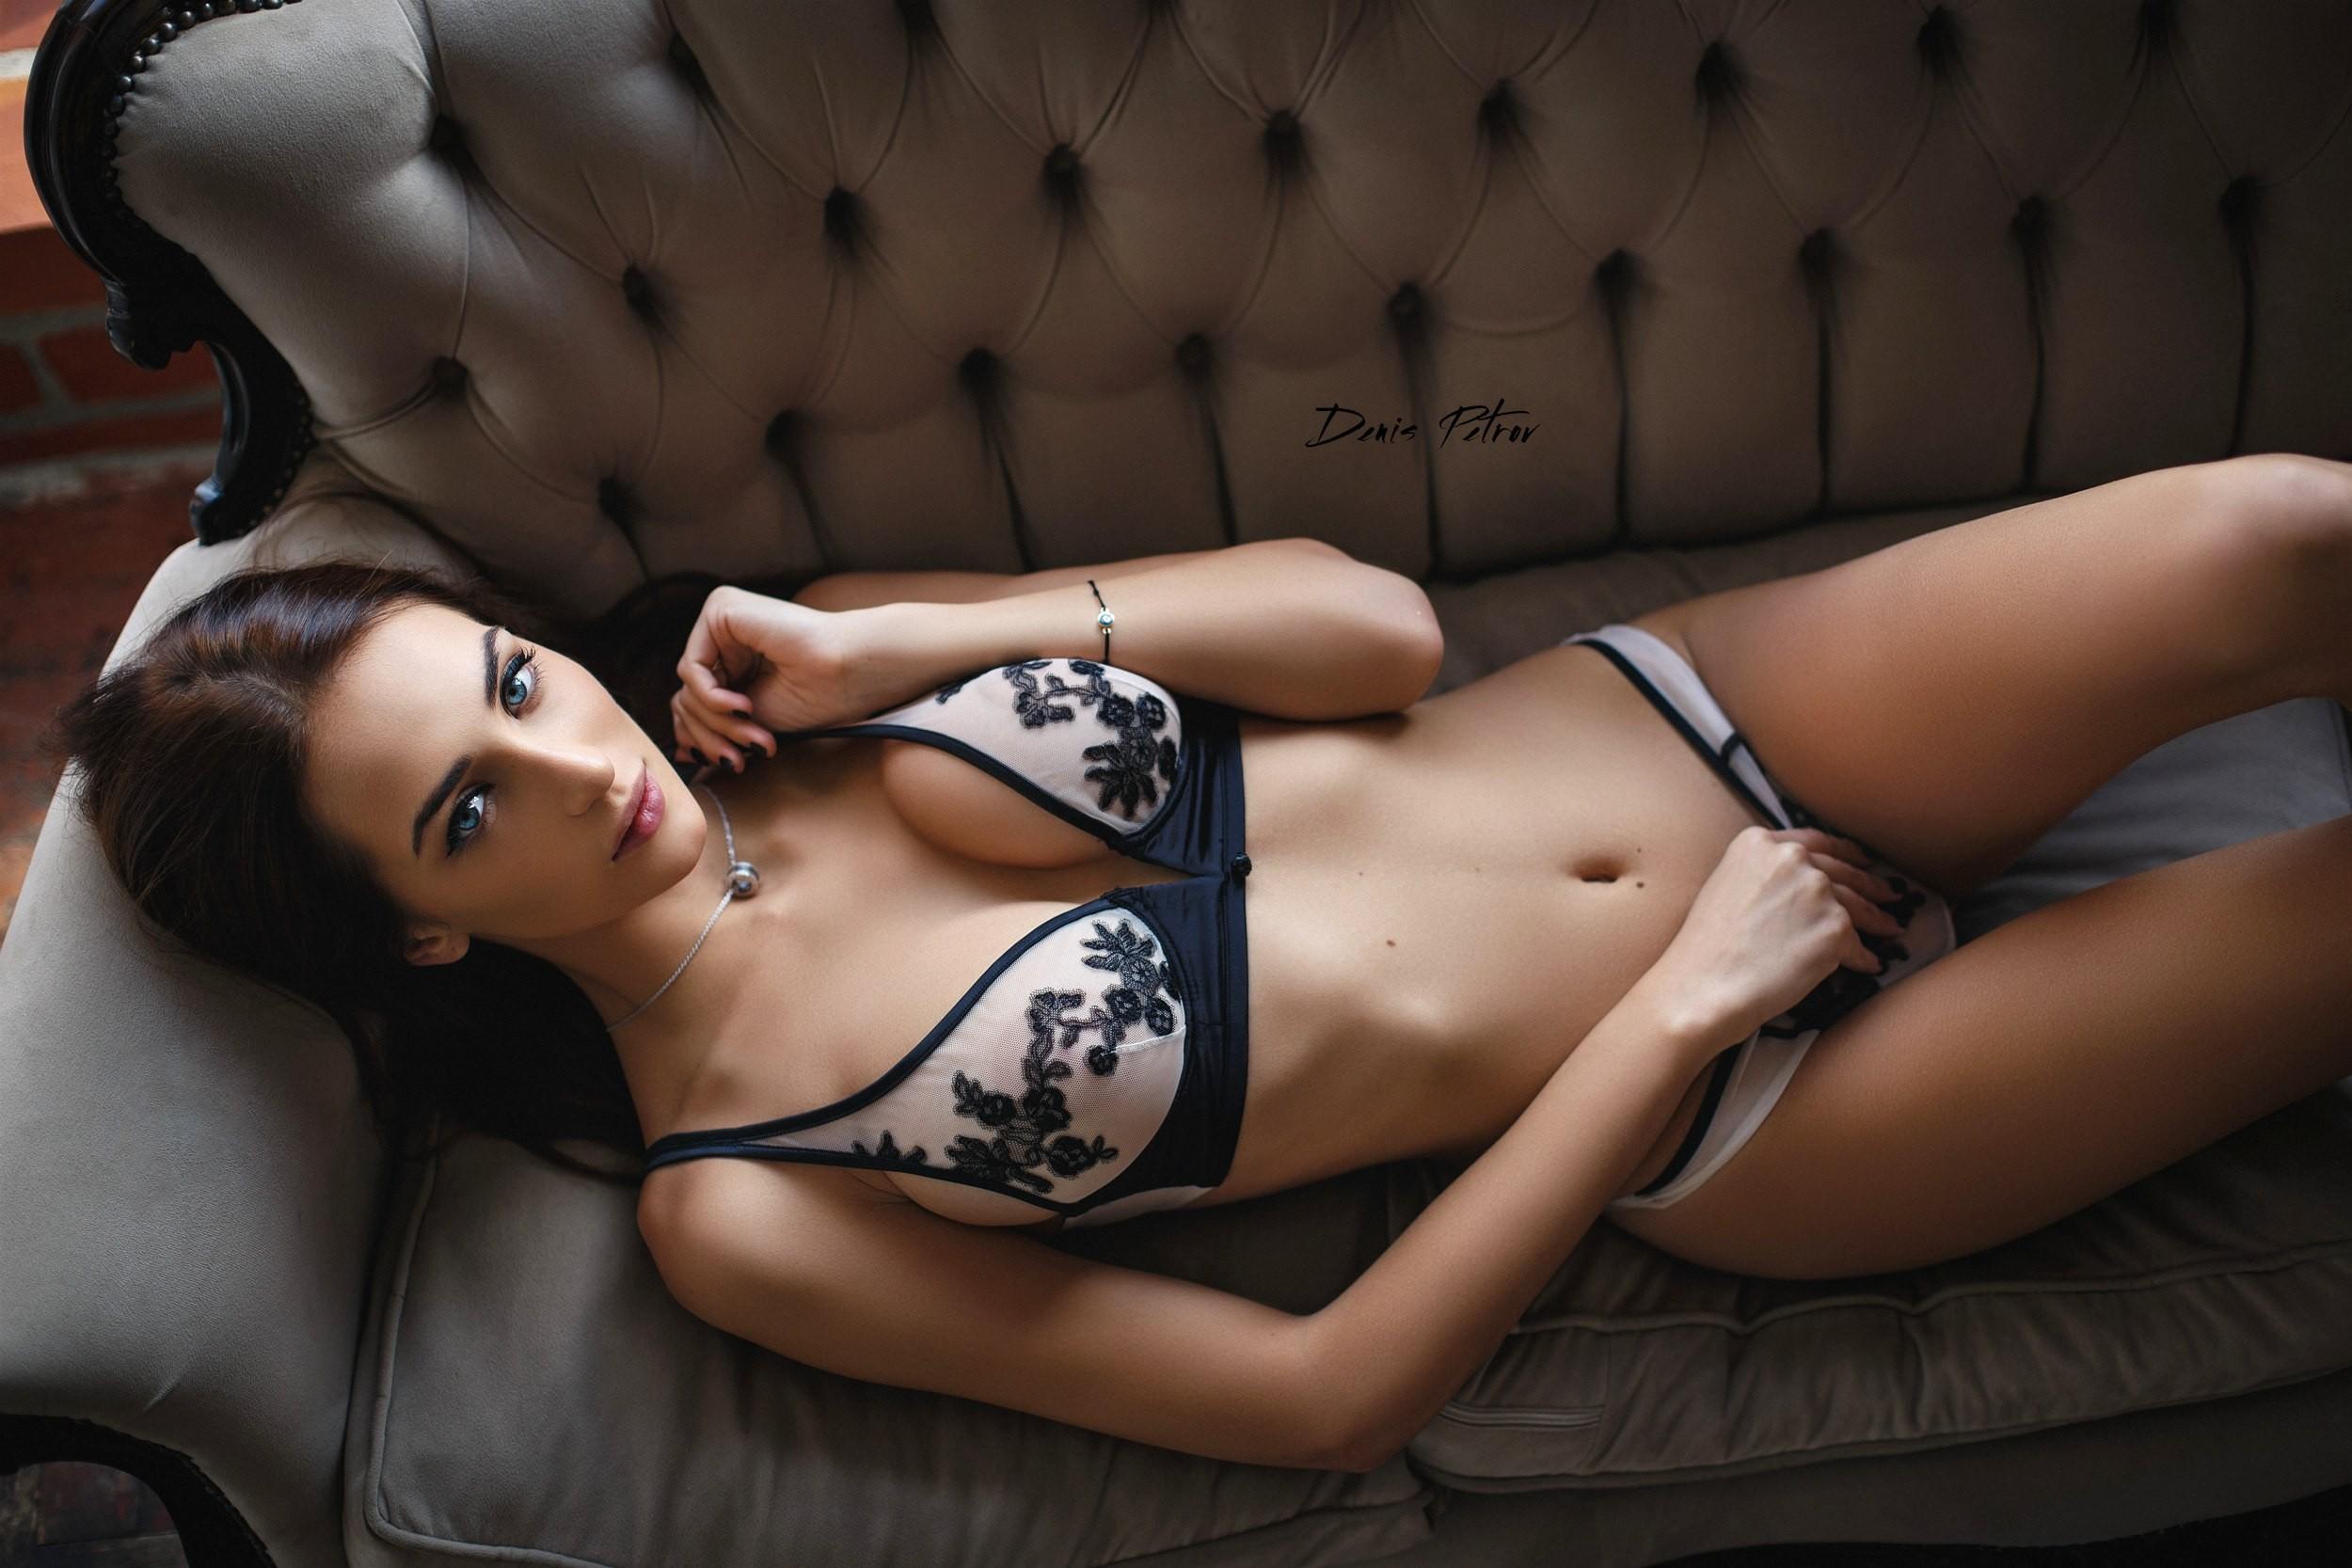 Erotic cleavage pics